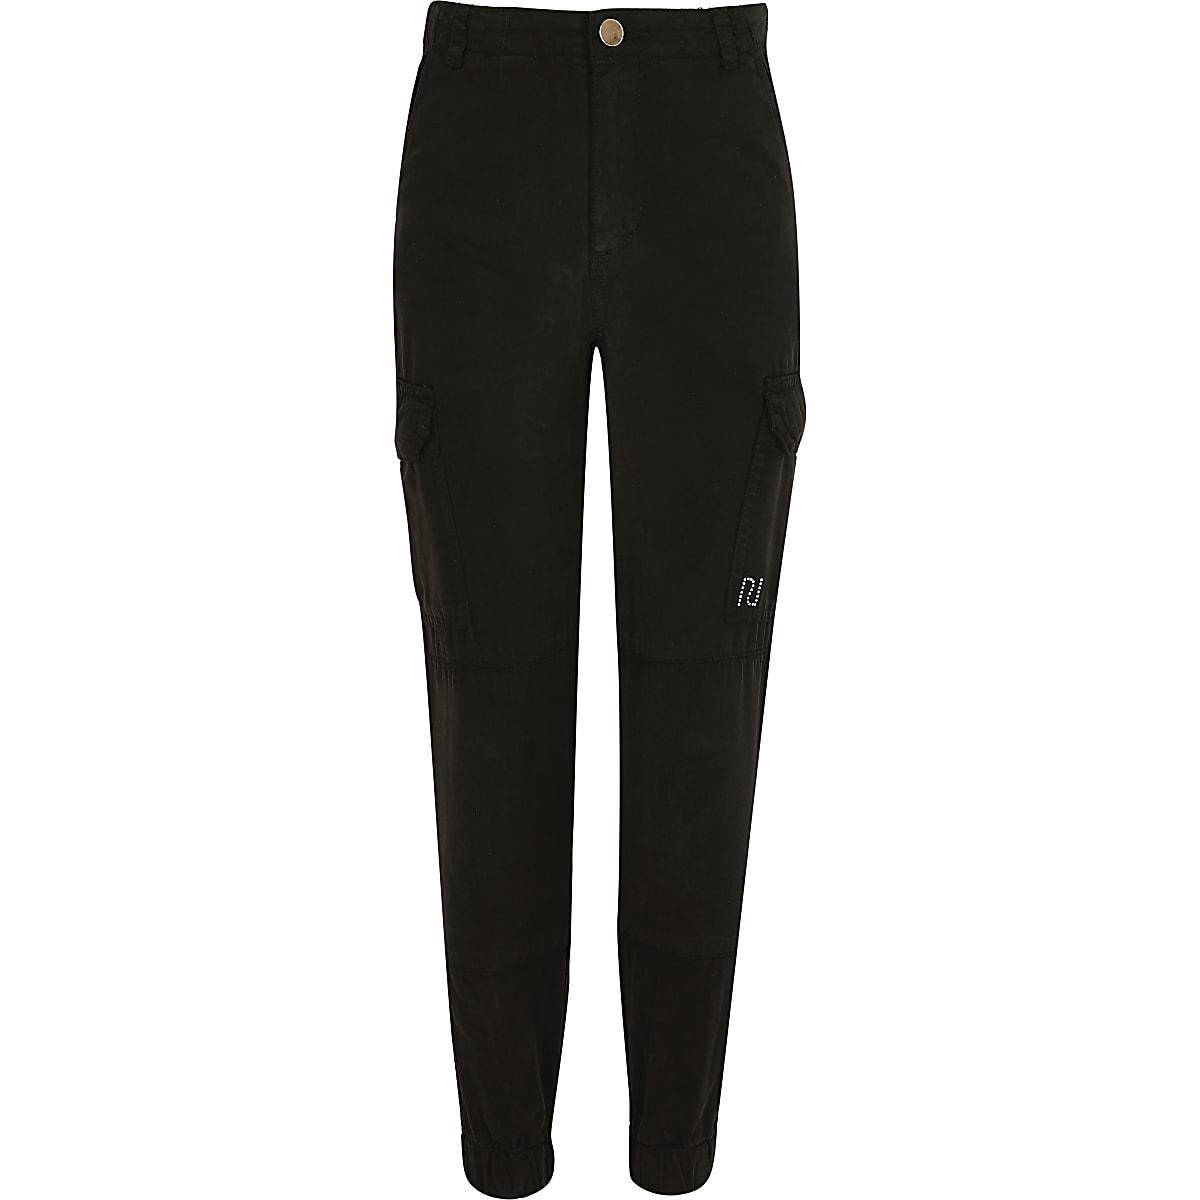 Zwarte utility broek voor meisjes